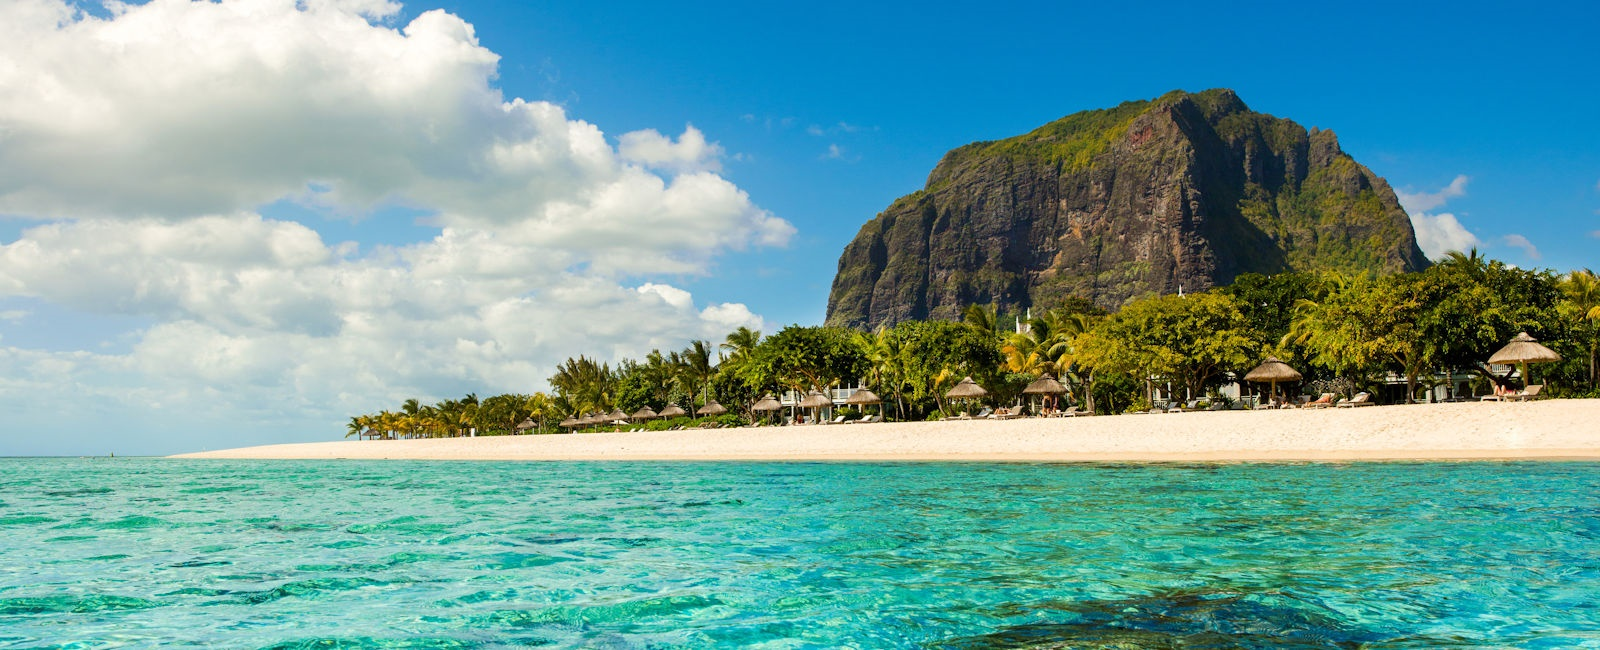 South Coast Mauritius